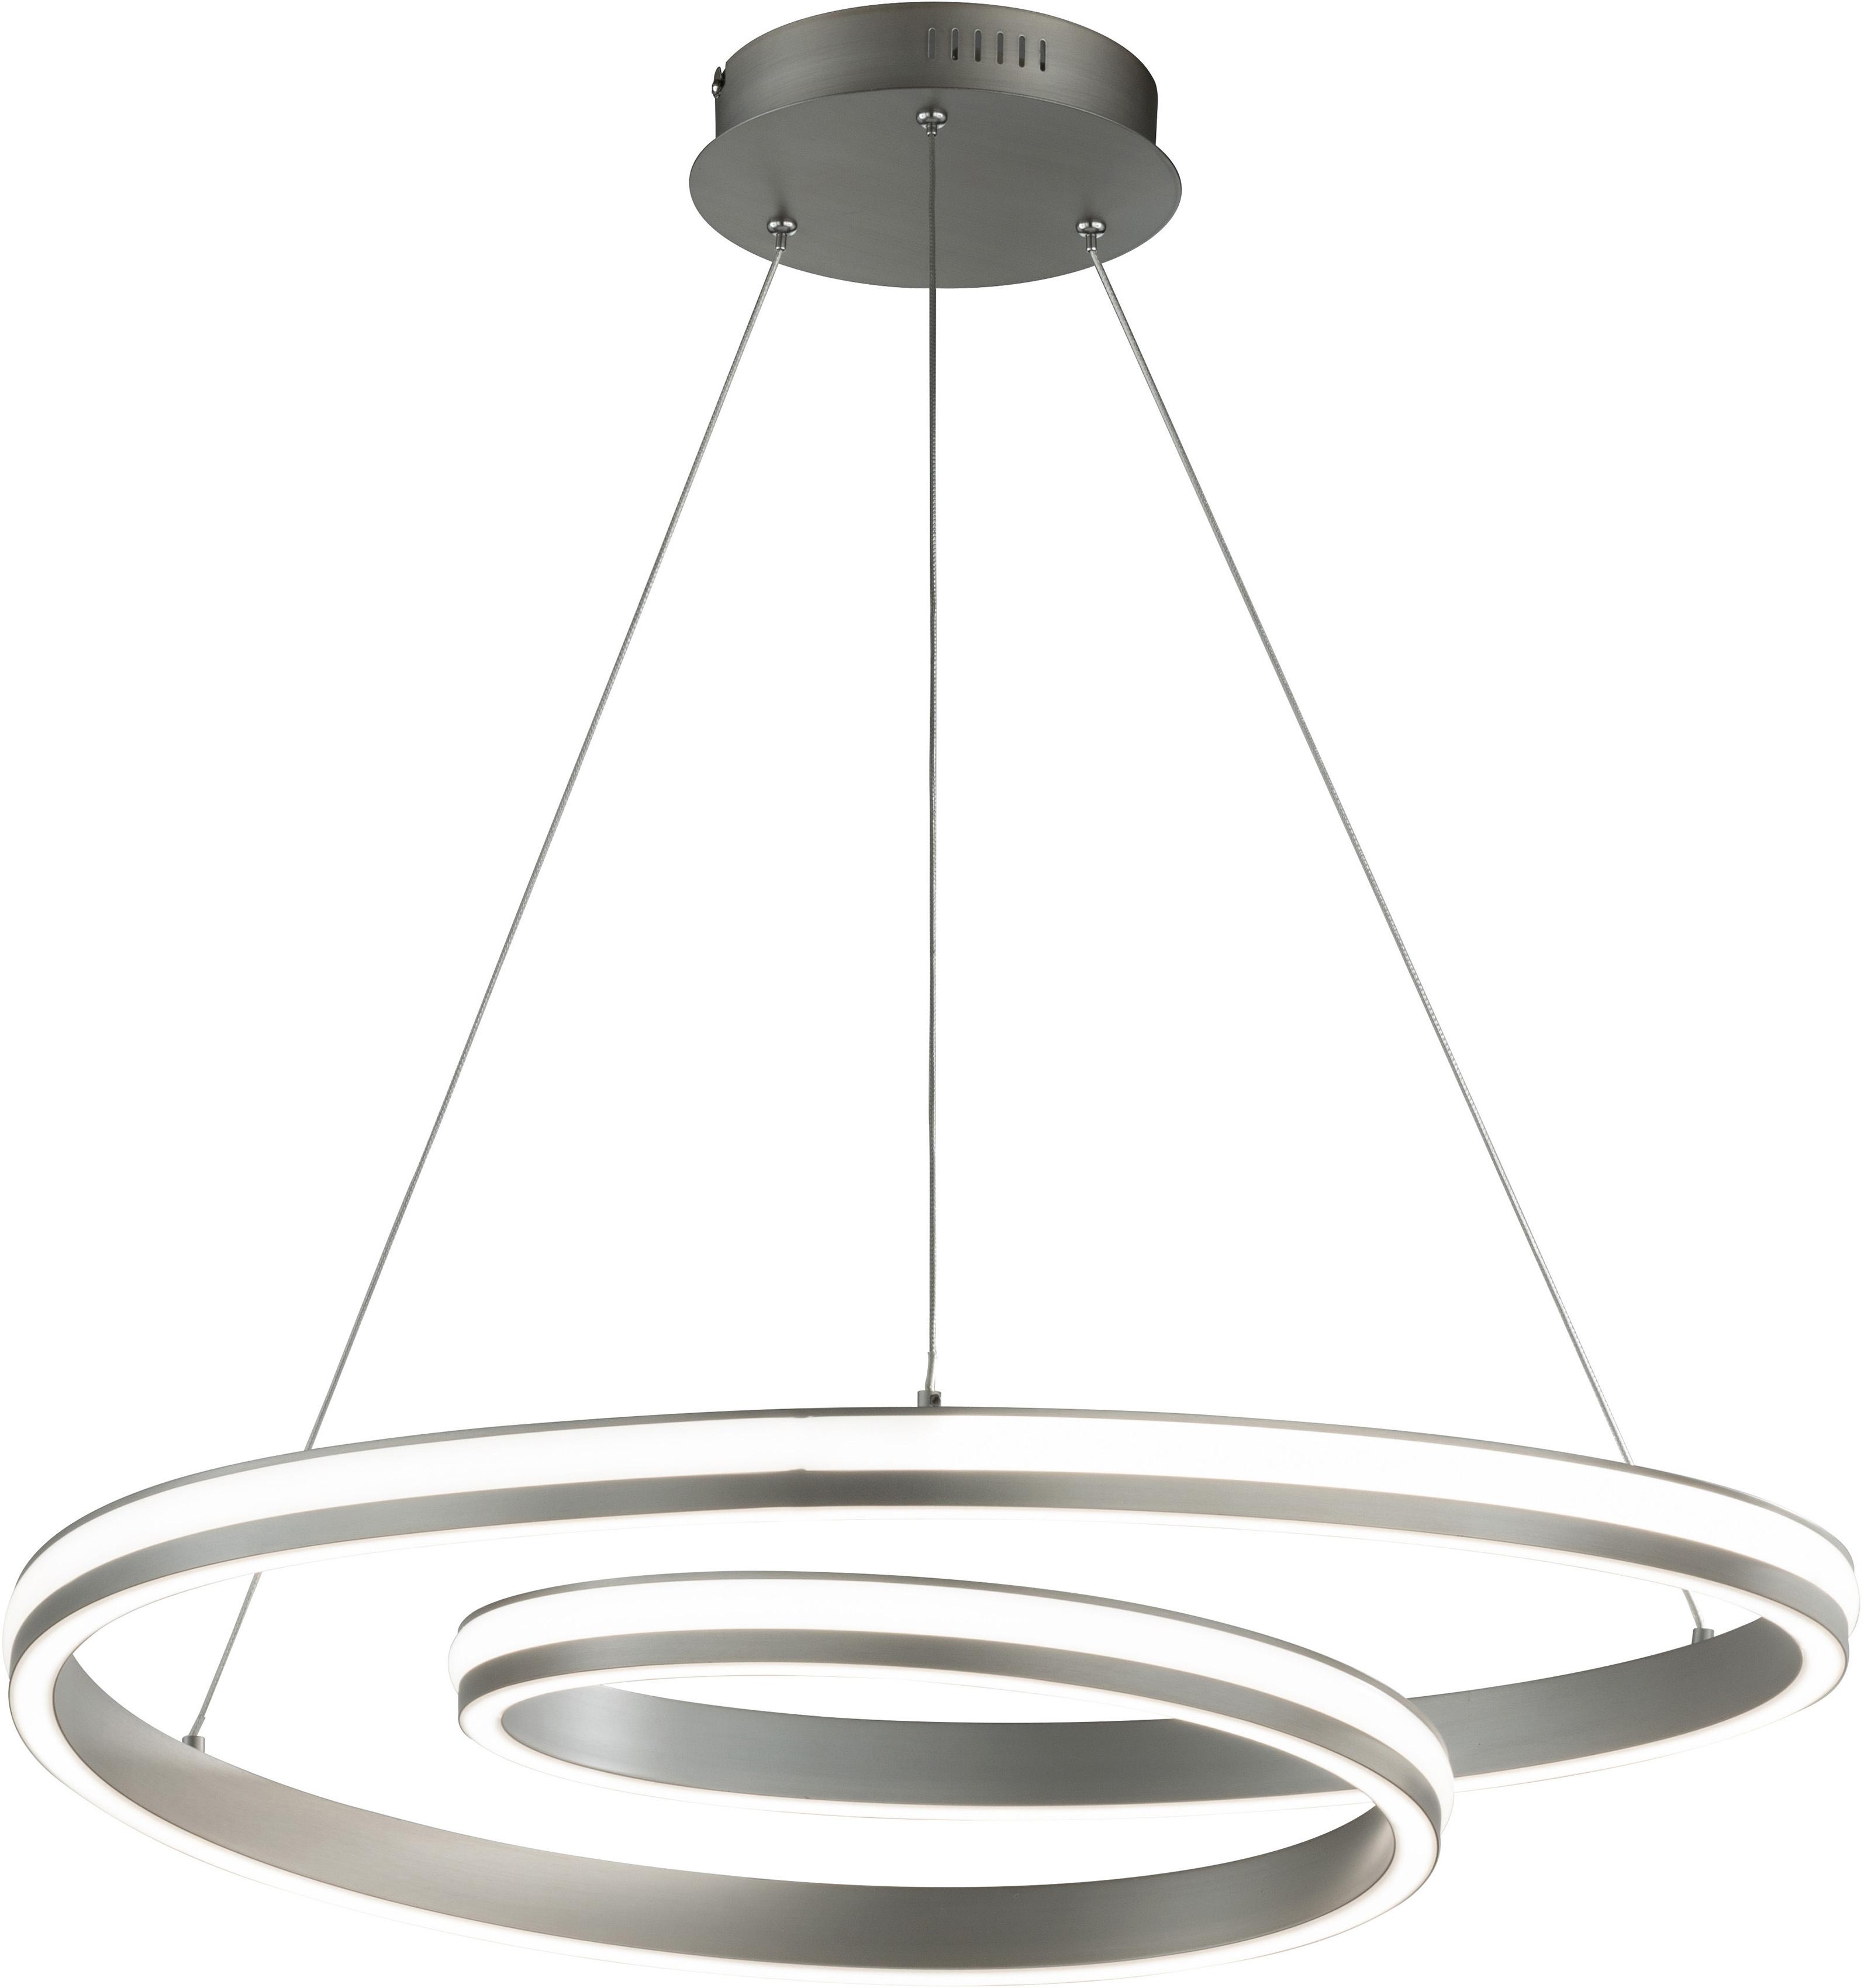 FISCHER & HONSEL LED Pendelleuchte Spiral TW, LED-Board, 1 St., Farbwechsler